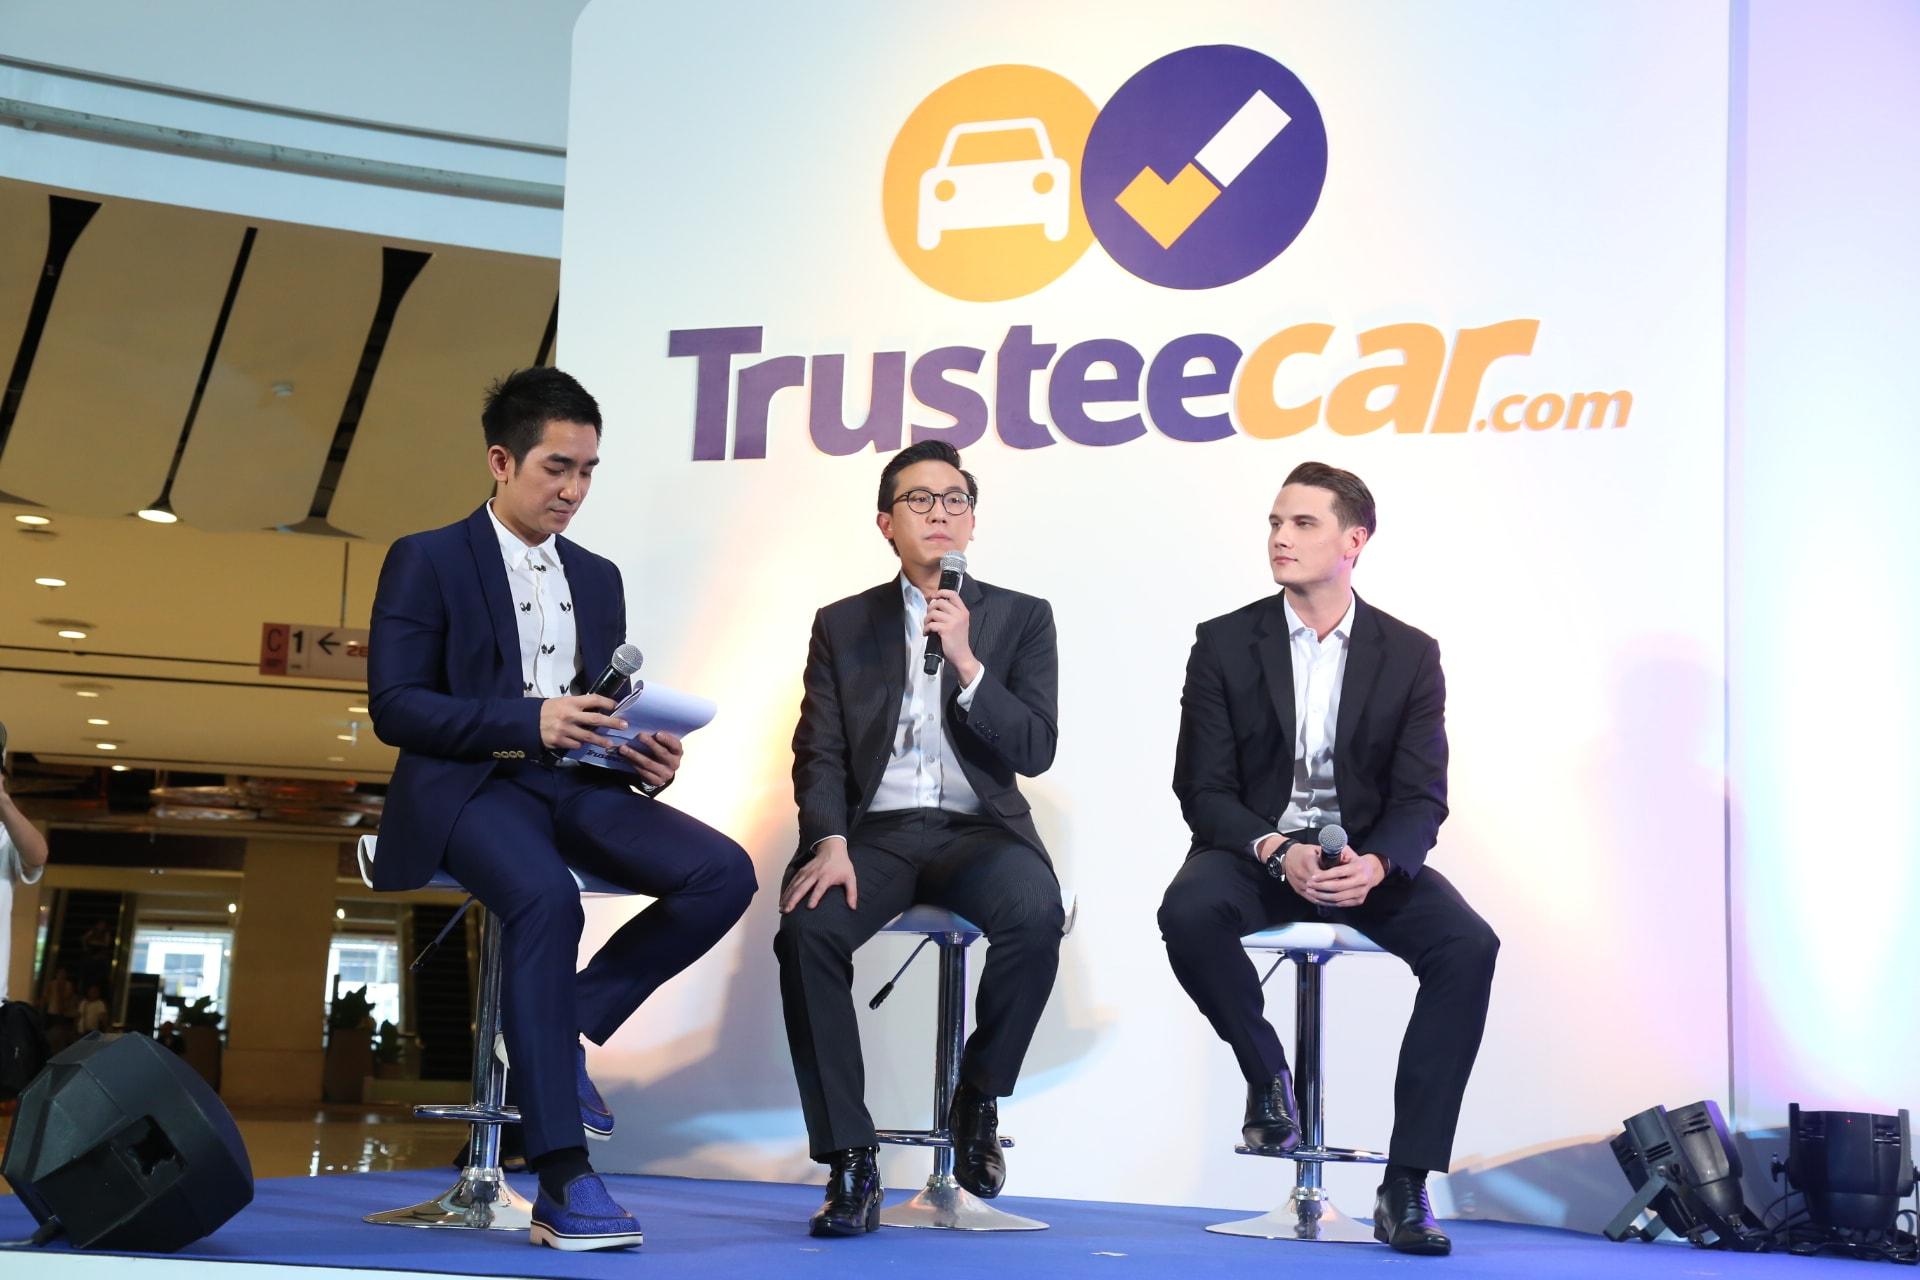 Trusteecar7